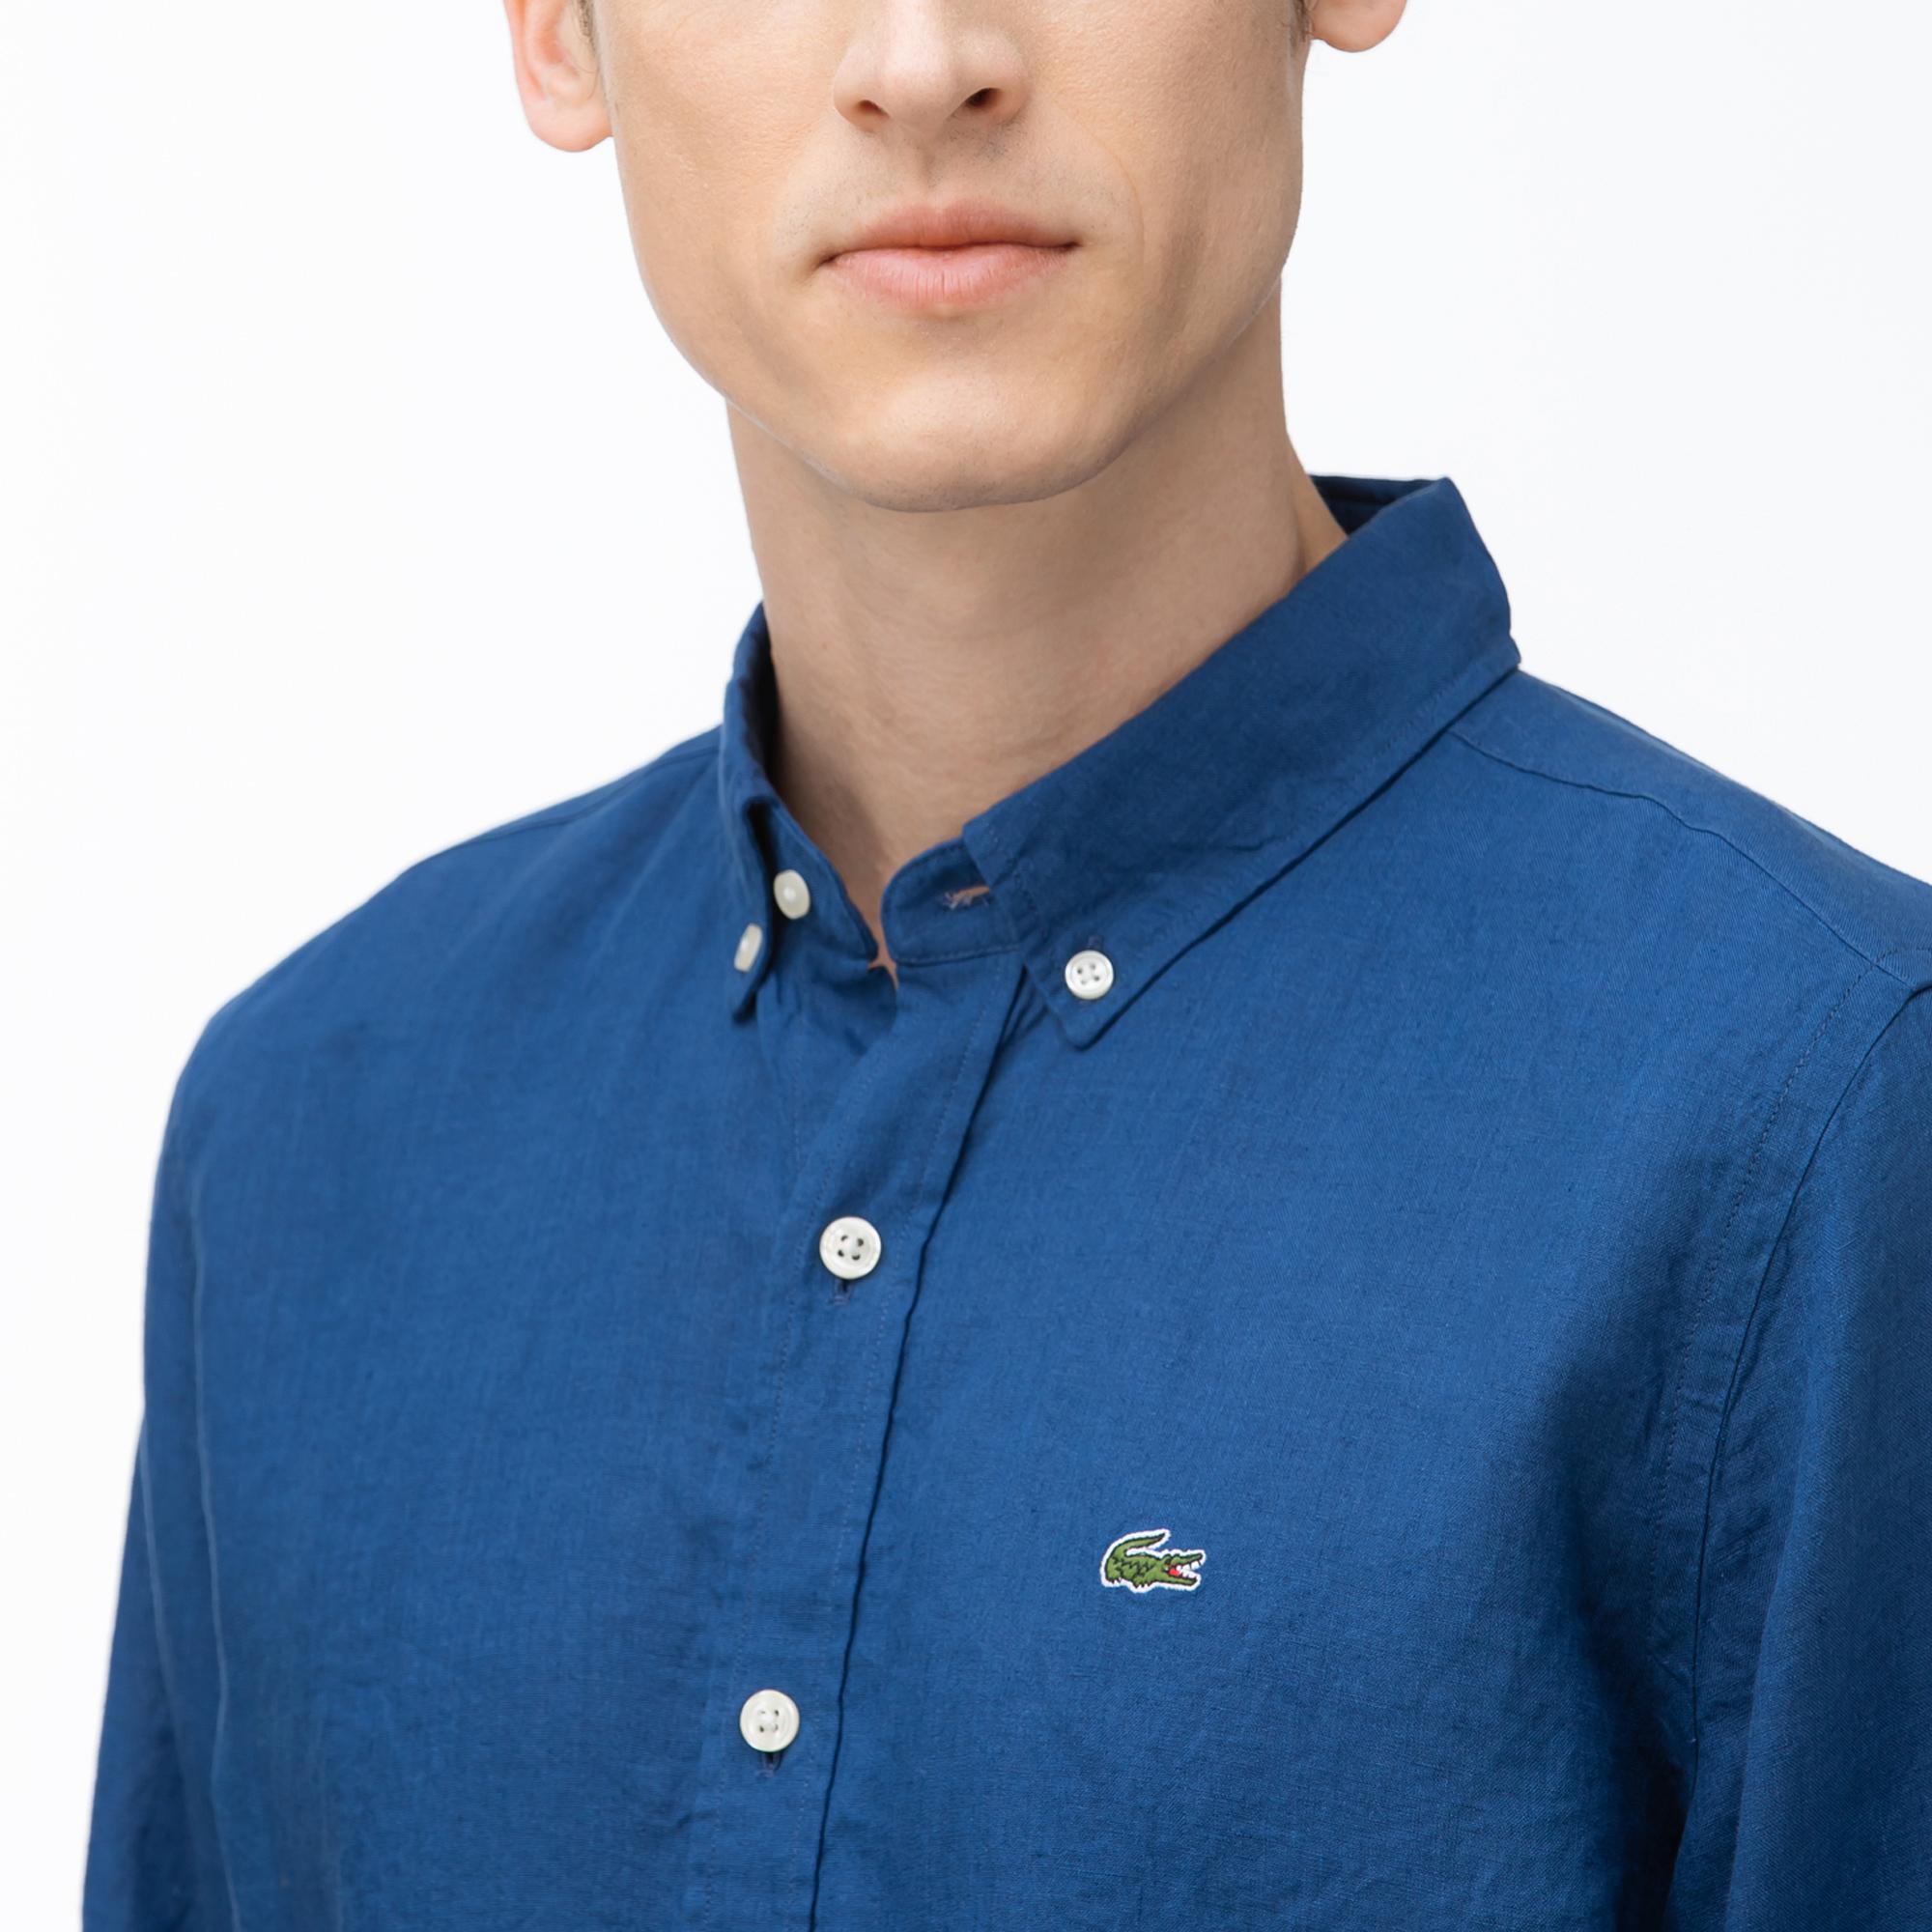 Lacoste Erkek Regular Fit Düğmeli Yaka Saks Mavi Keten Gömlek